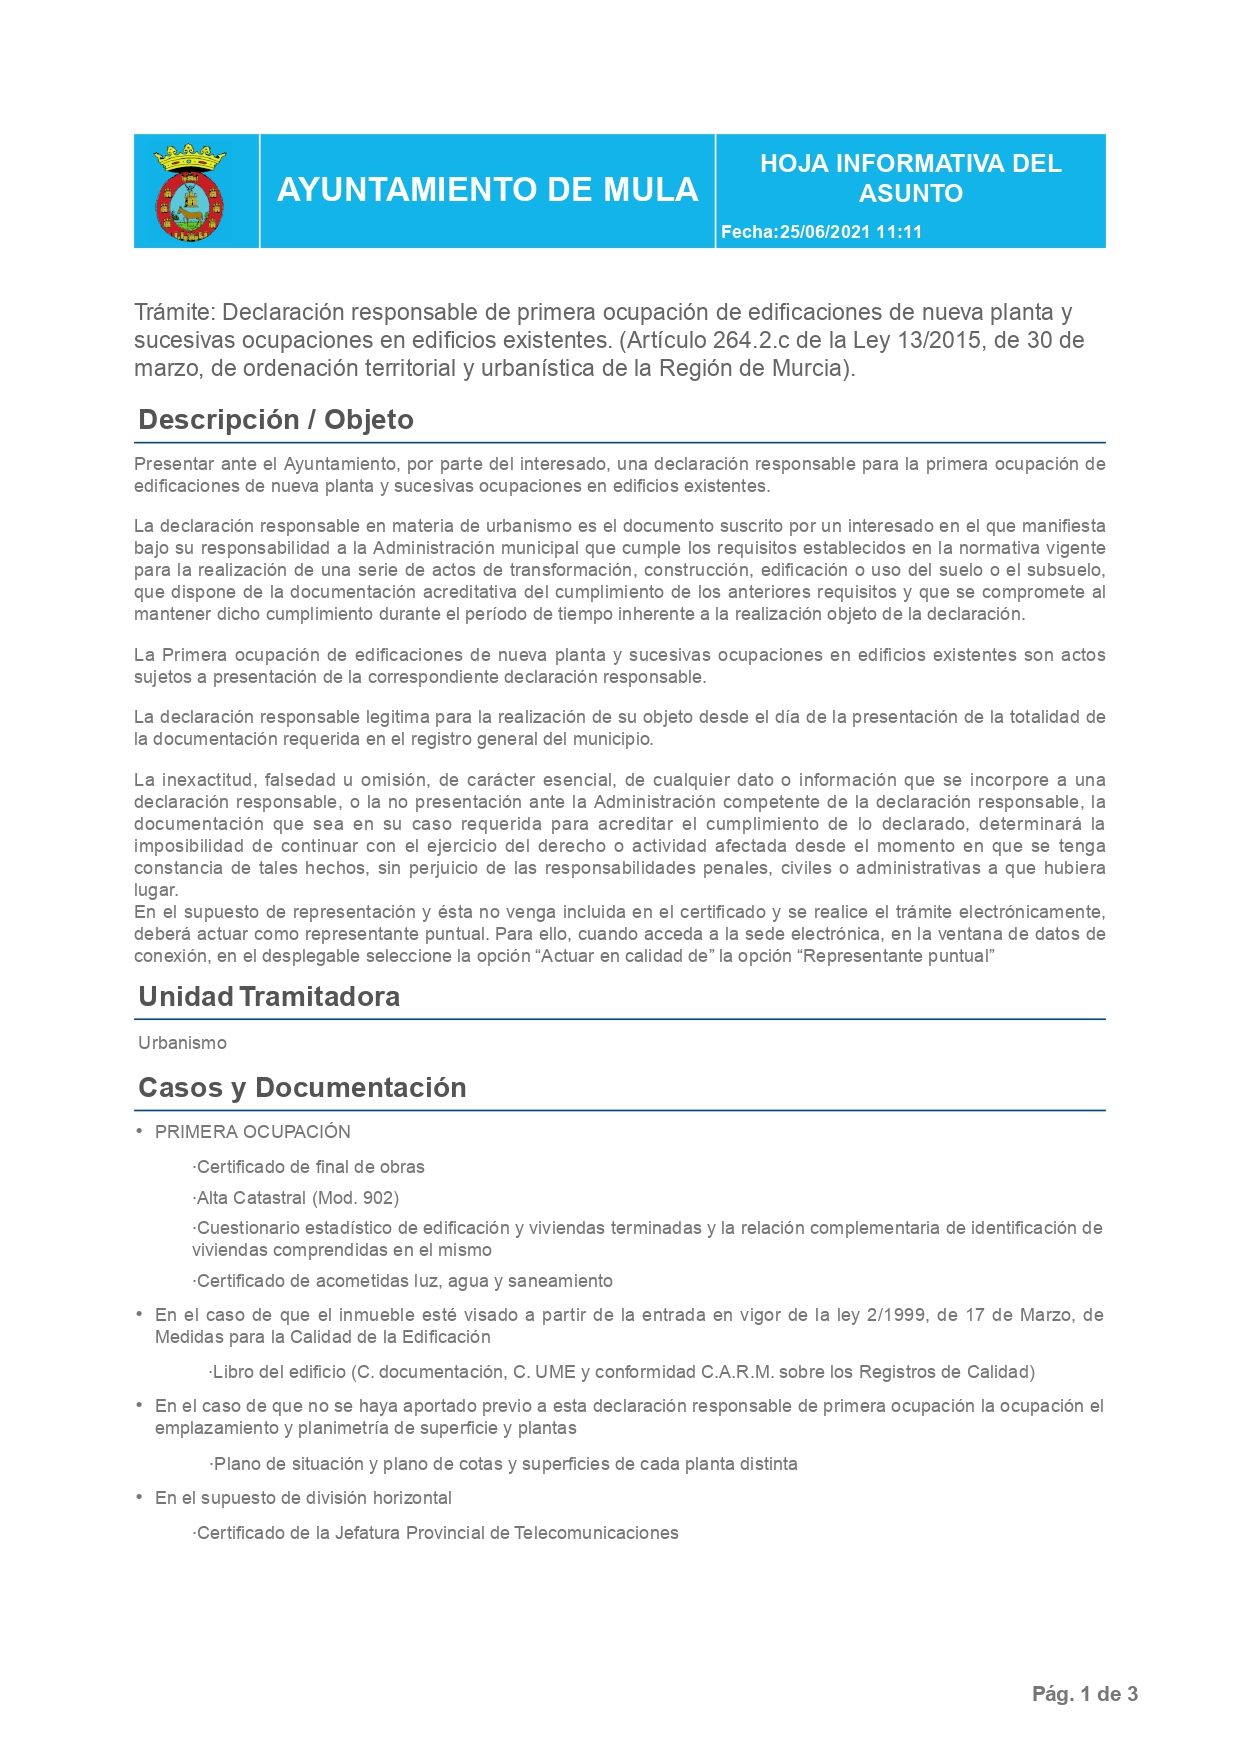 Declaración Responsable Segunda Ocupación Mula - Cédula de Habitabilidad en Mula